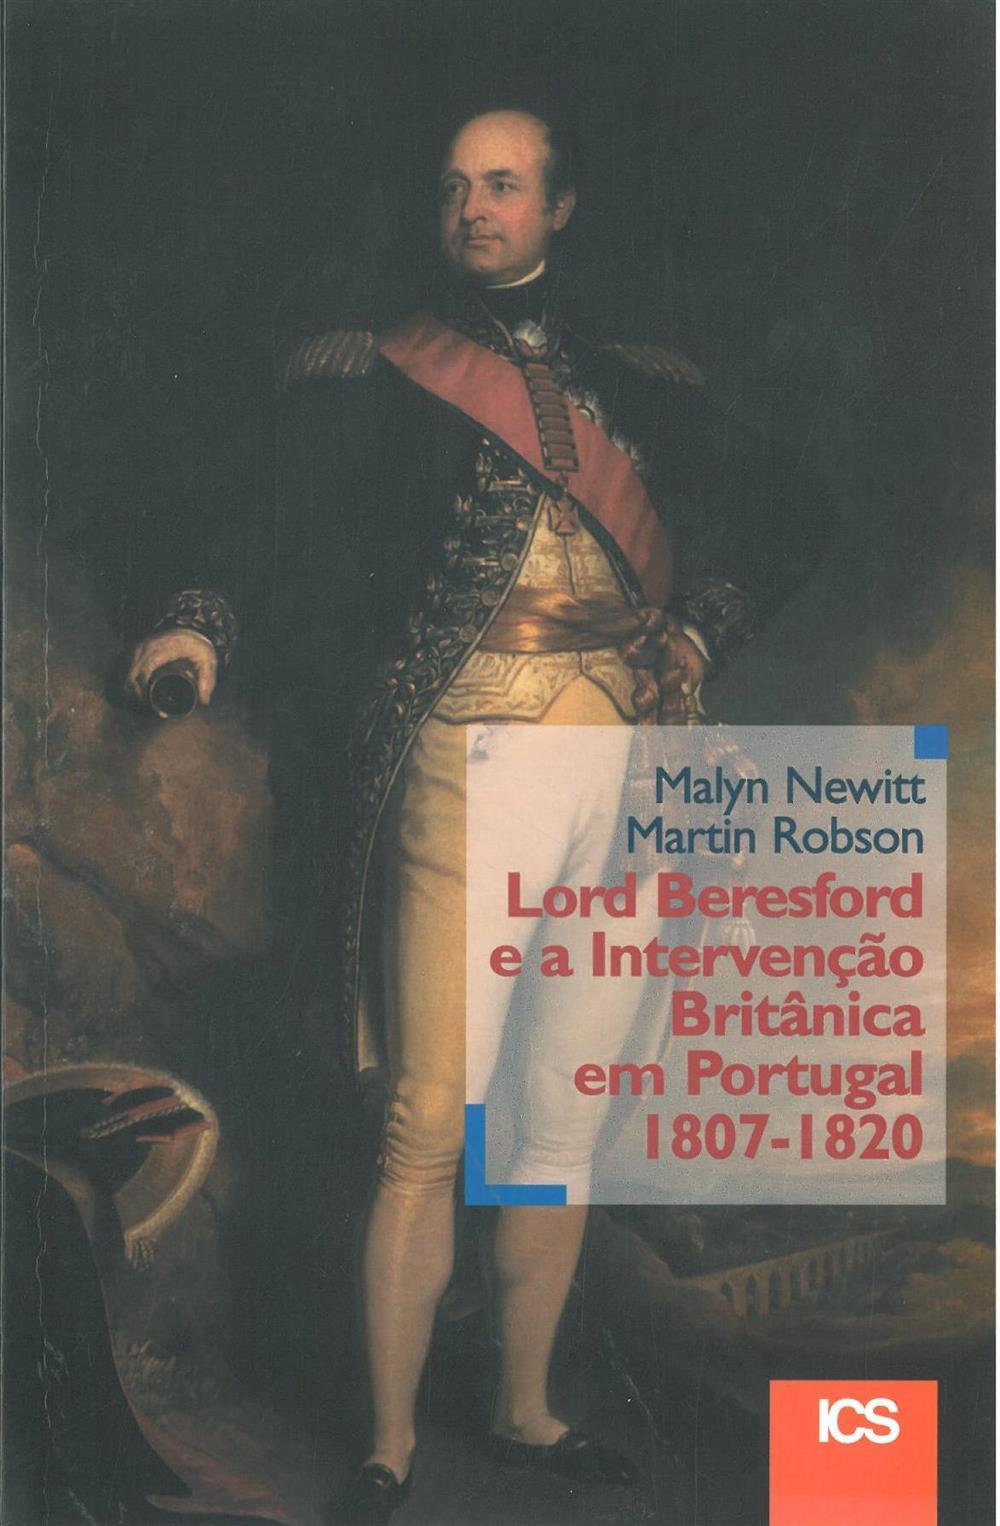 Lord Beresford e a intervenção britânica em Portugal_.jpg